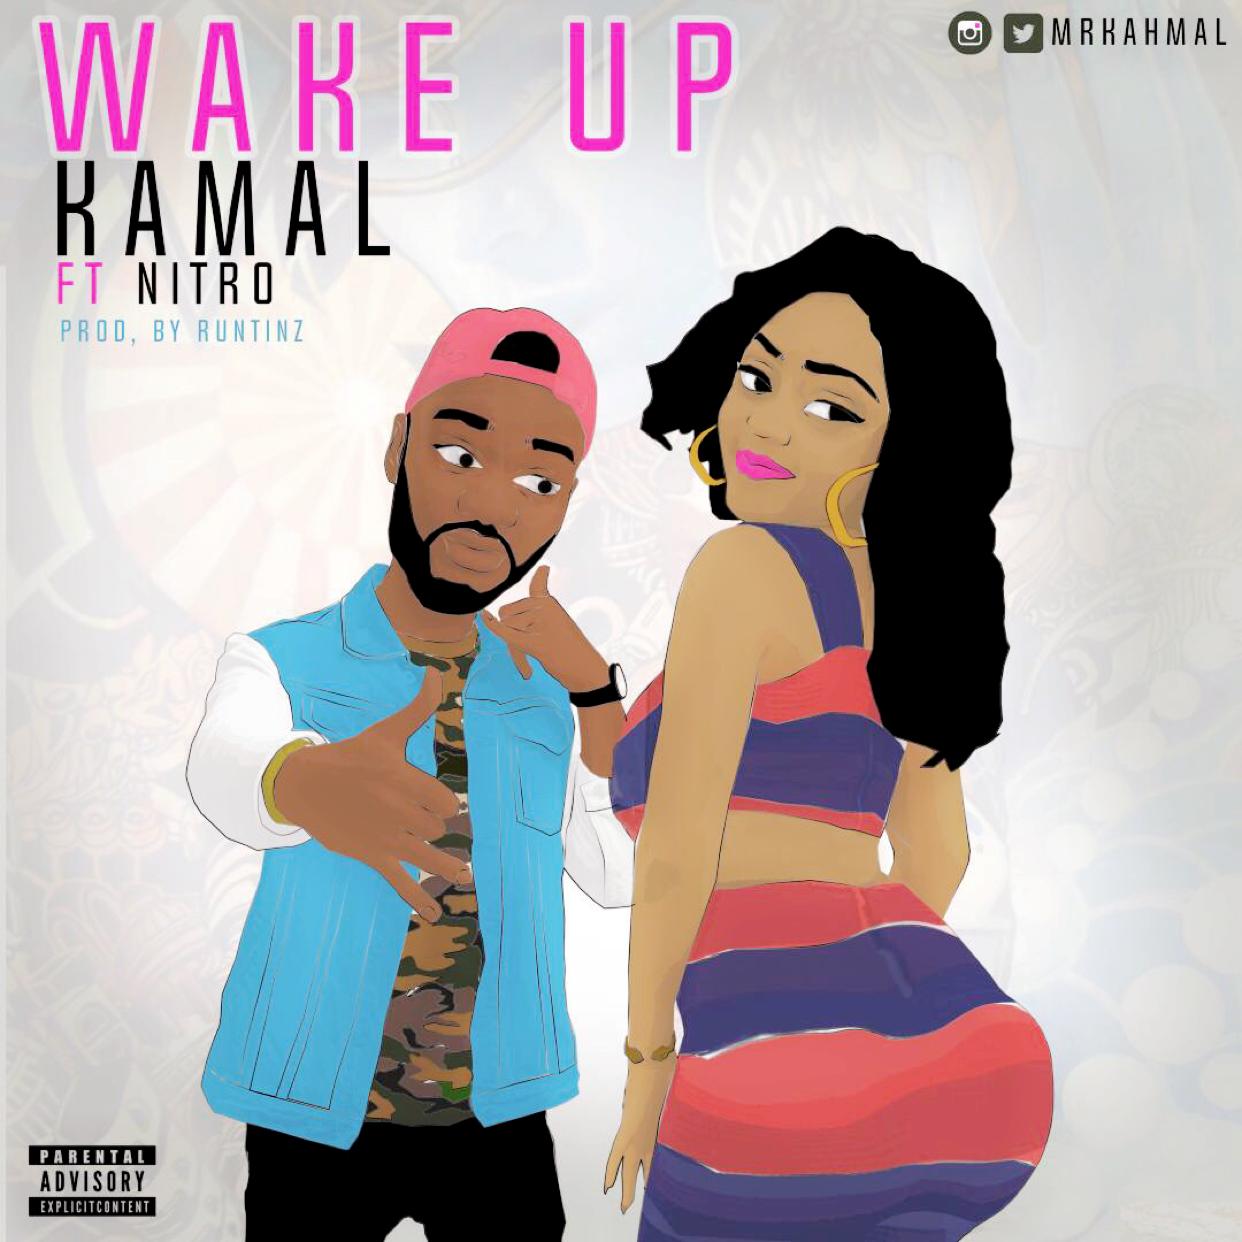 Kamal ft. Nitro – Wake Up